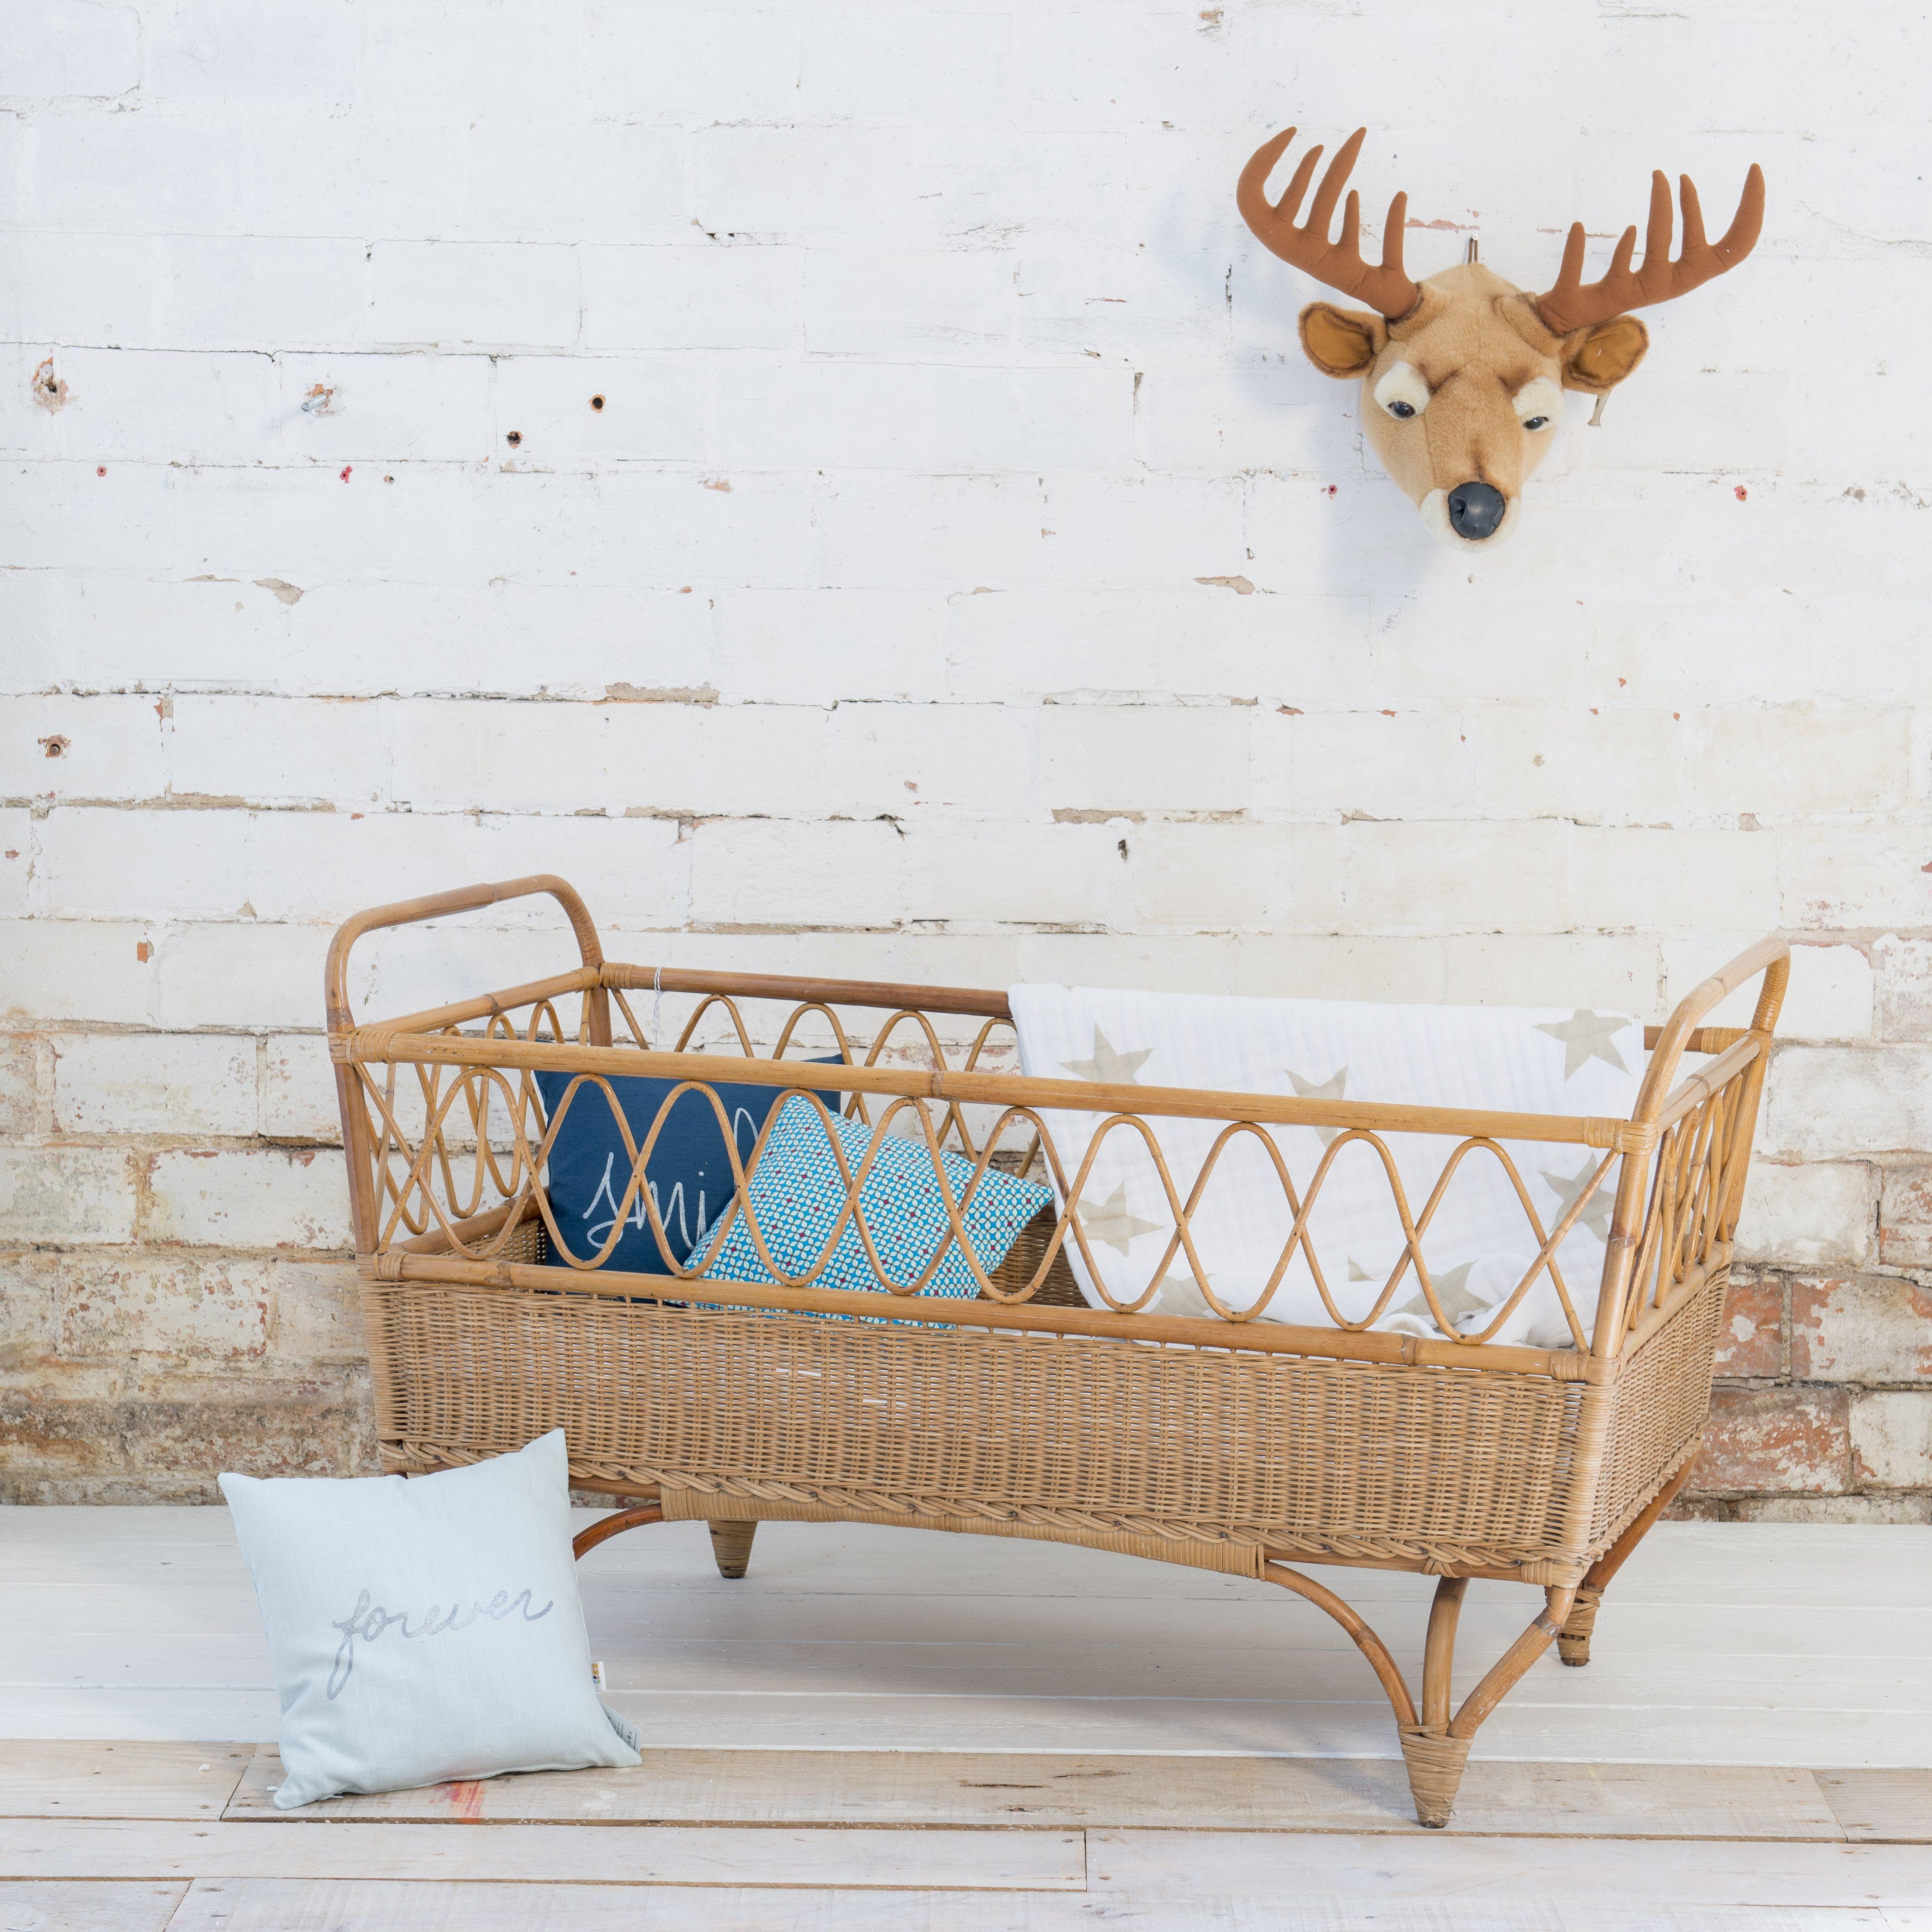 lit rotin berceaux vintage b b blomk l cr ateur de mobilier. Black Bedroom Furniture Sets. Home Design Ideas